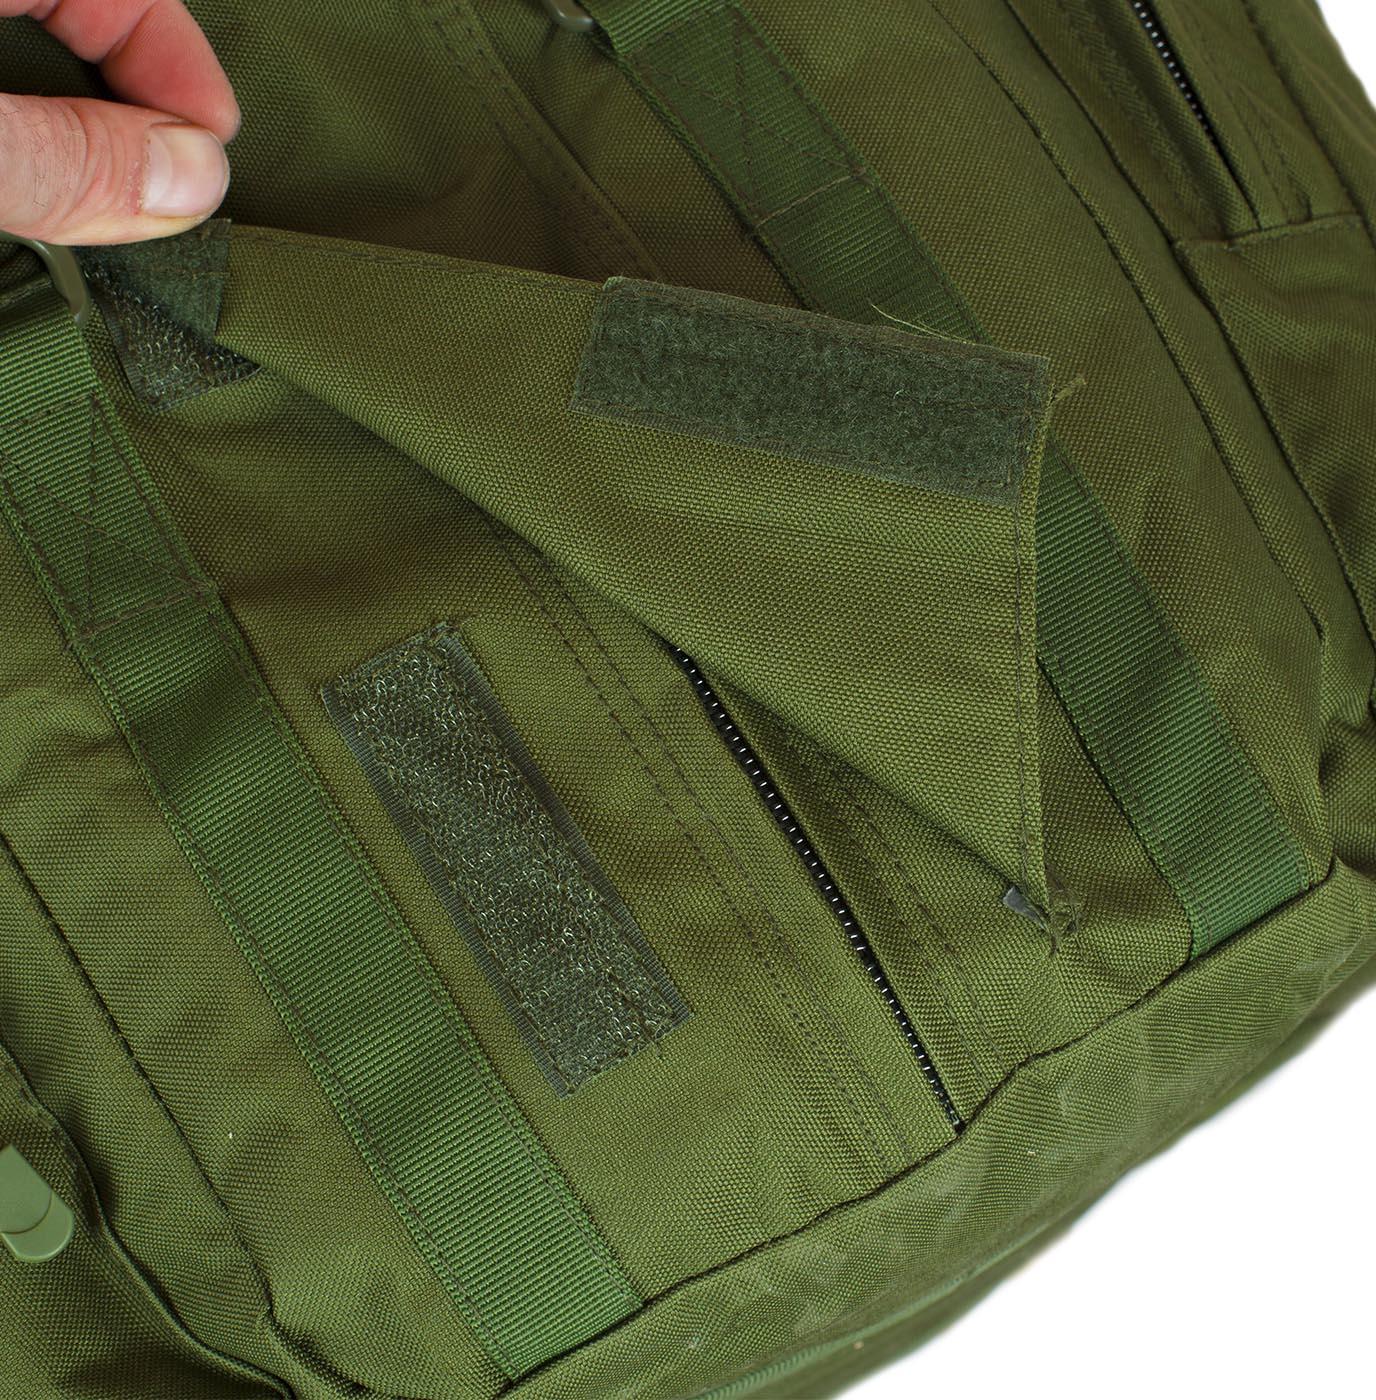 Тактическая сумка в камуфляже хаки купить выгодно